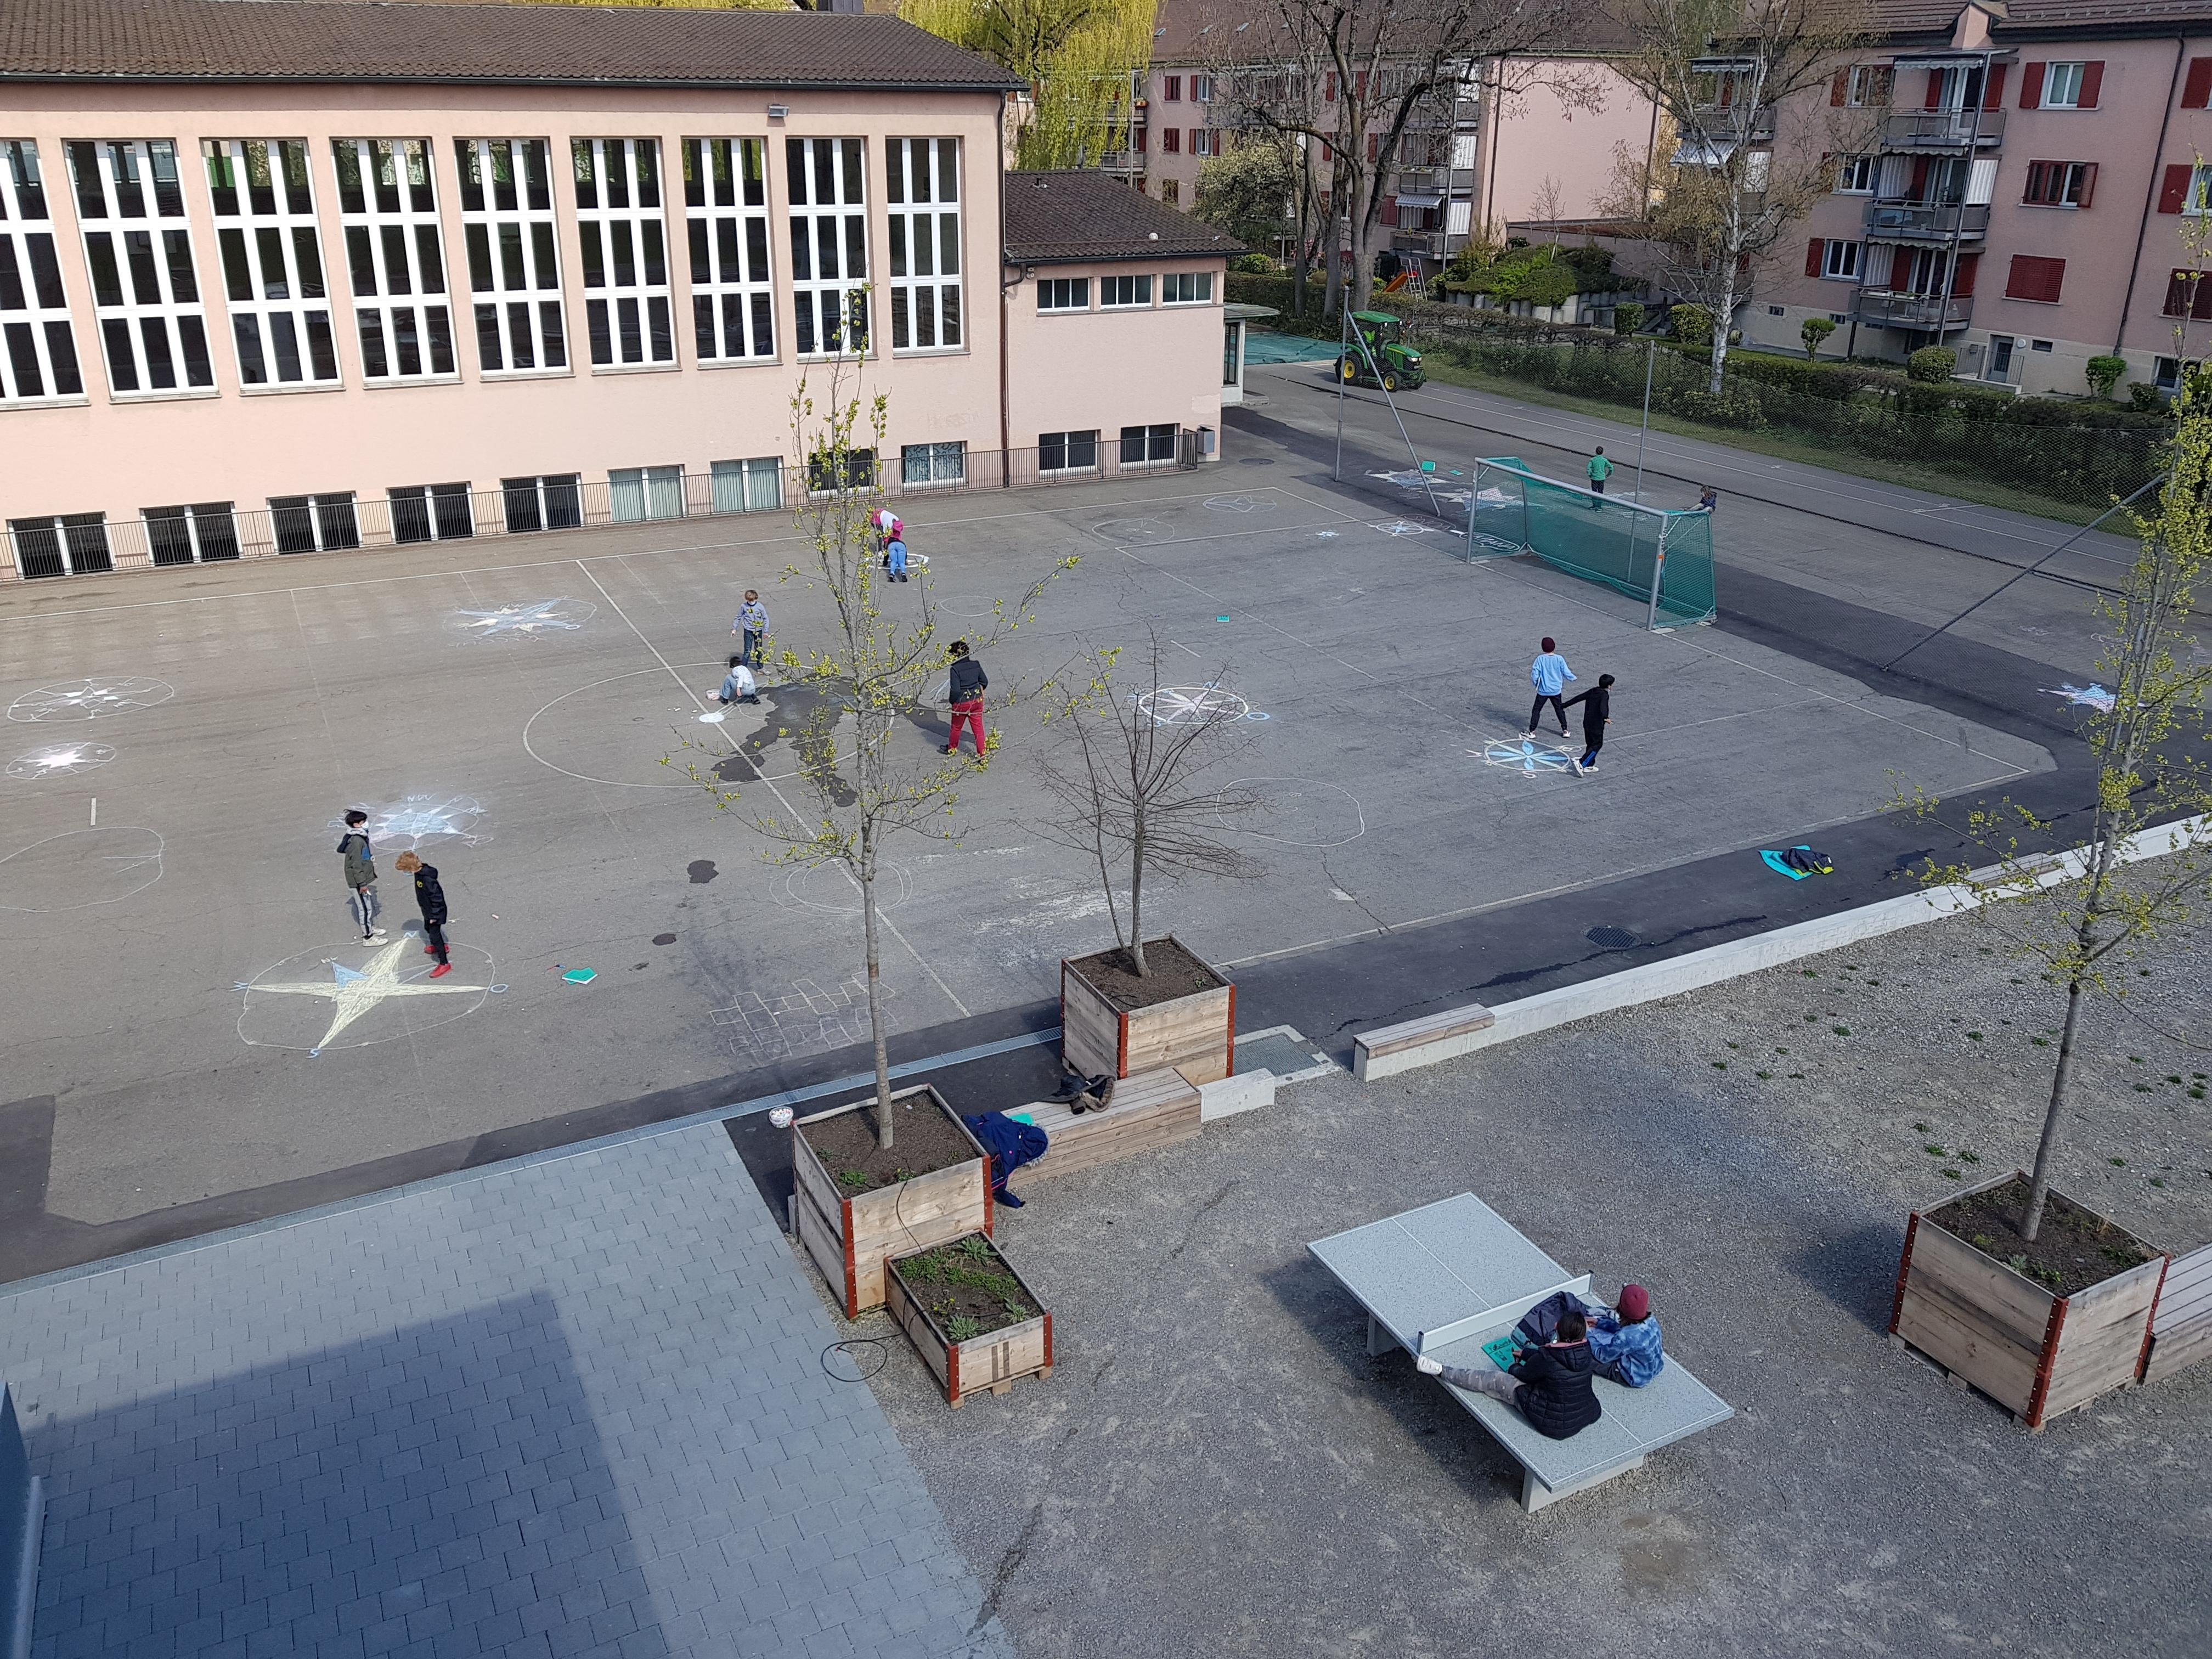 Mauerseglernisthilfen Turnhaus Lettenwiese Zürich / Mauerseglerprojekt 5. Primar Schule Letten